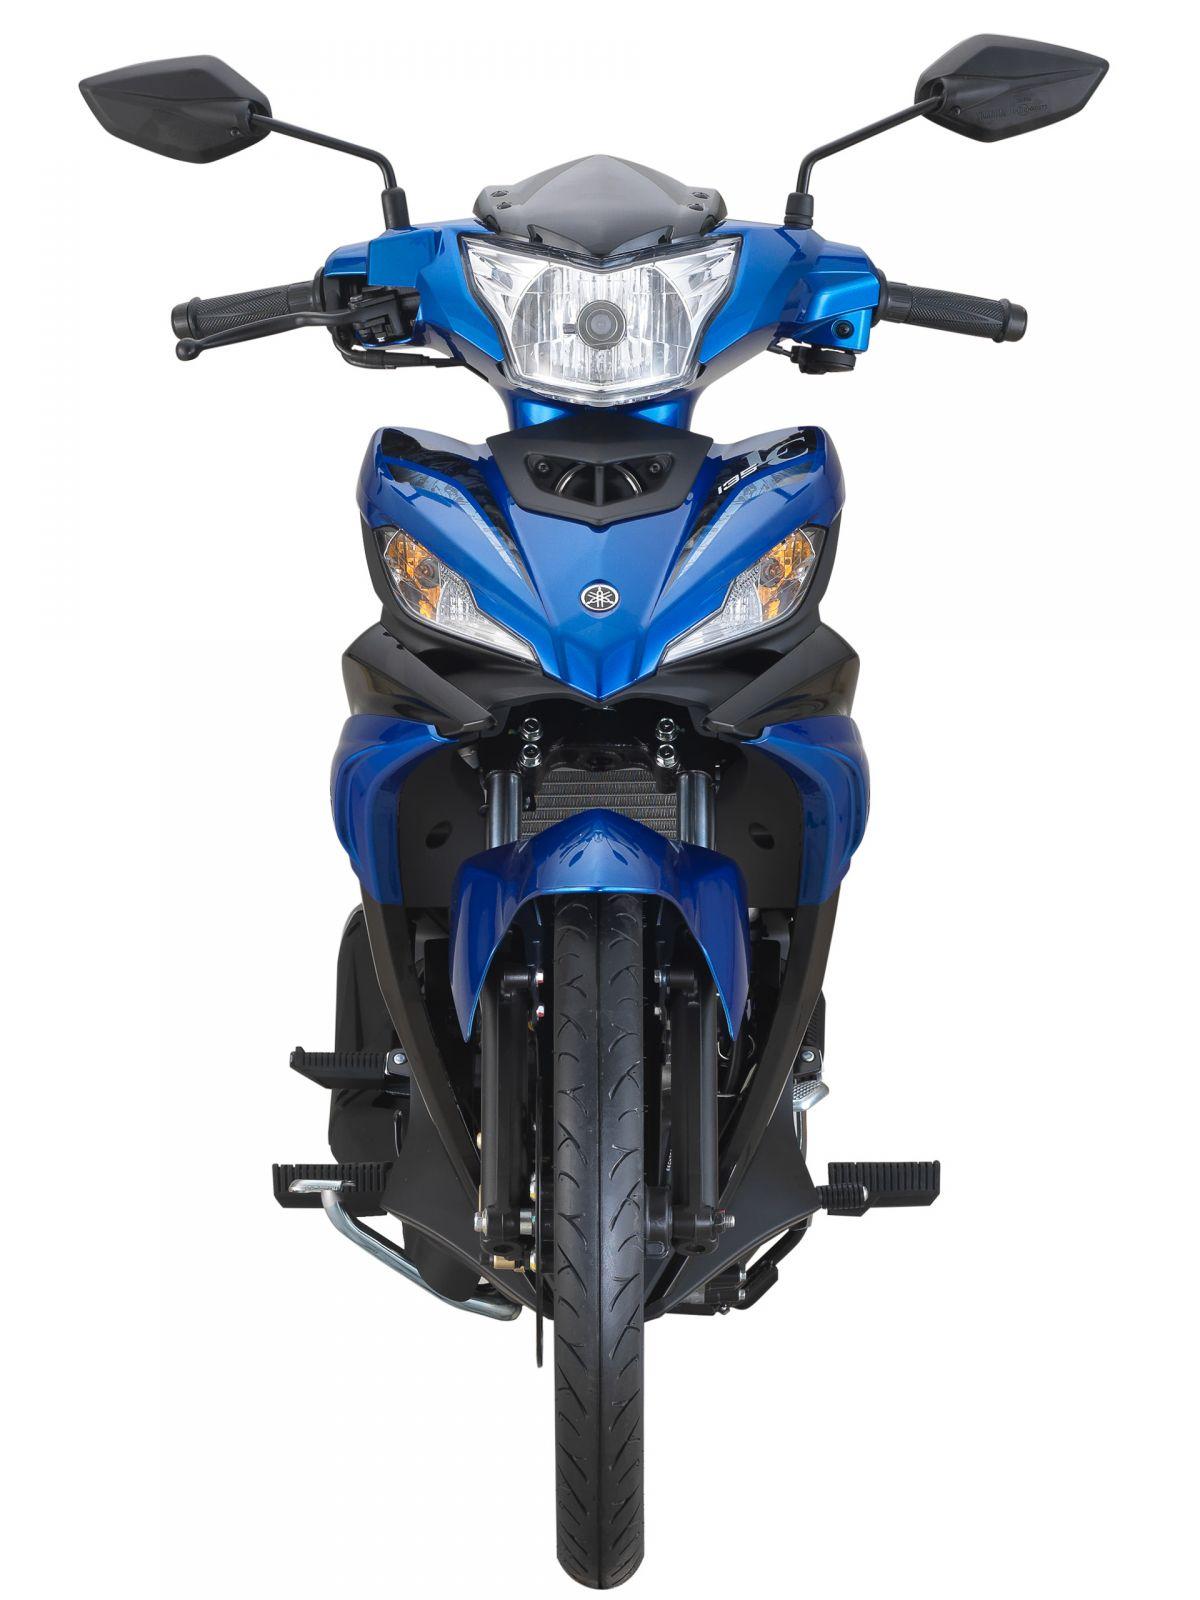 Yamaha-135LC-2019-13-1200x1600.jpg